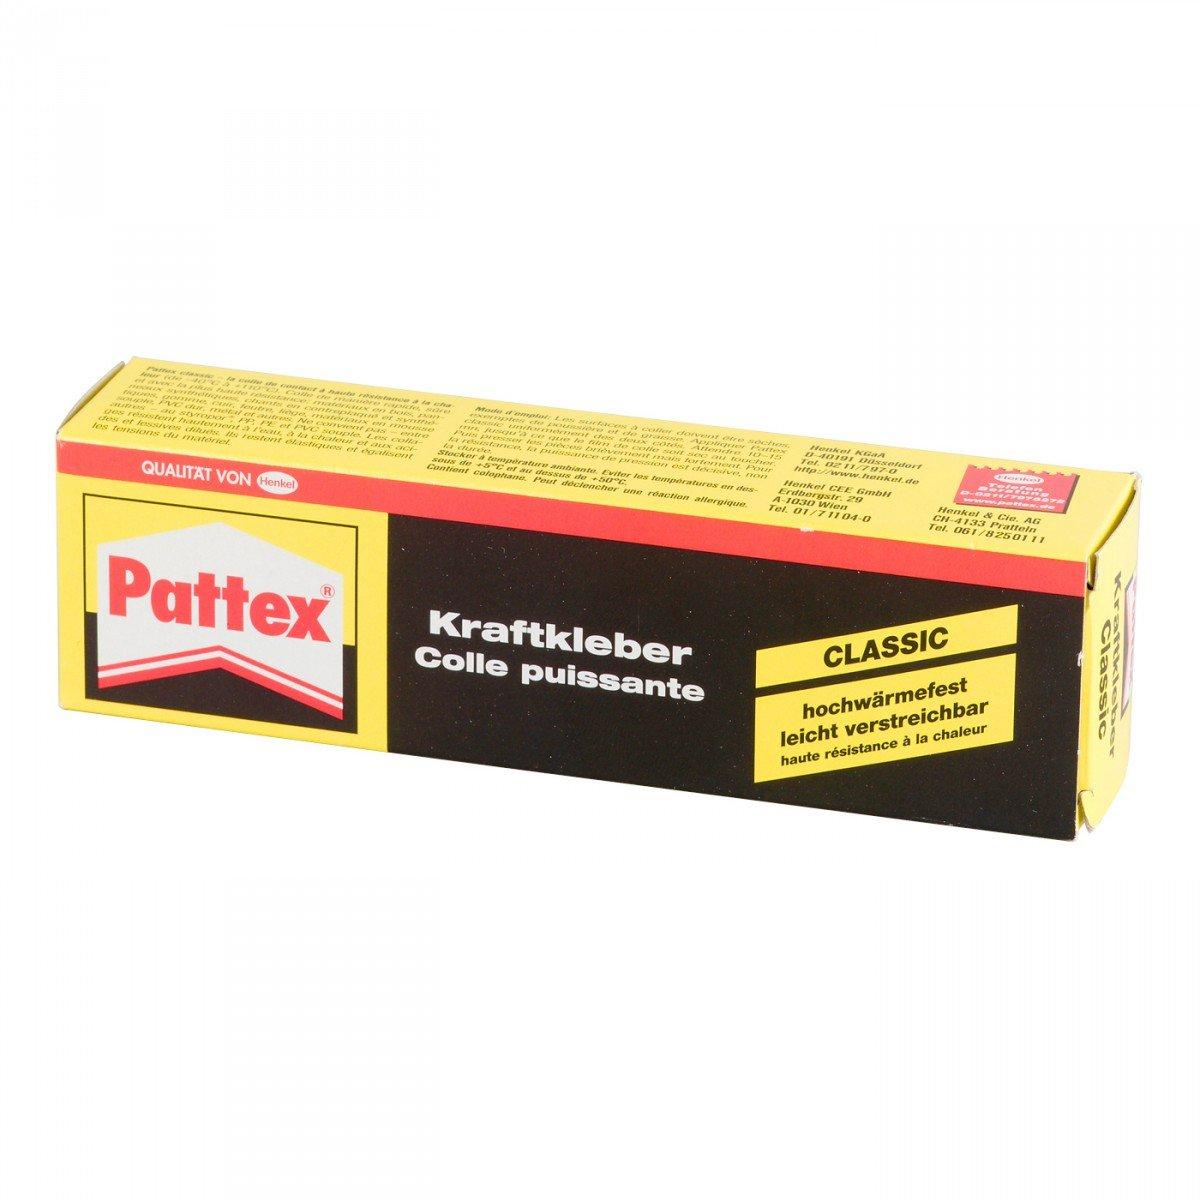 Kontaktkleber Pattex Kraftkleber classic, Inhalt 50g